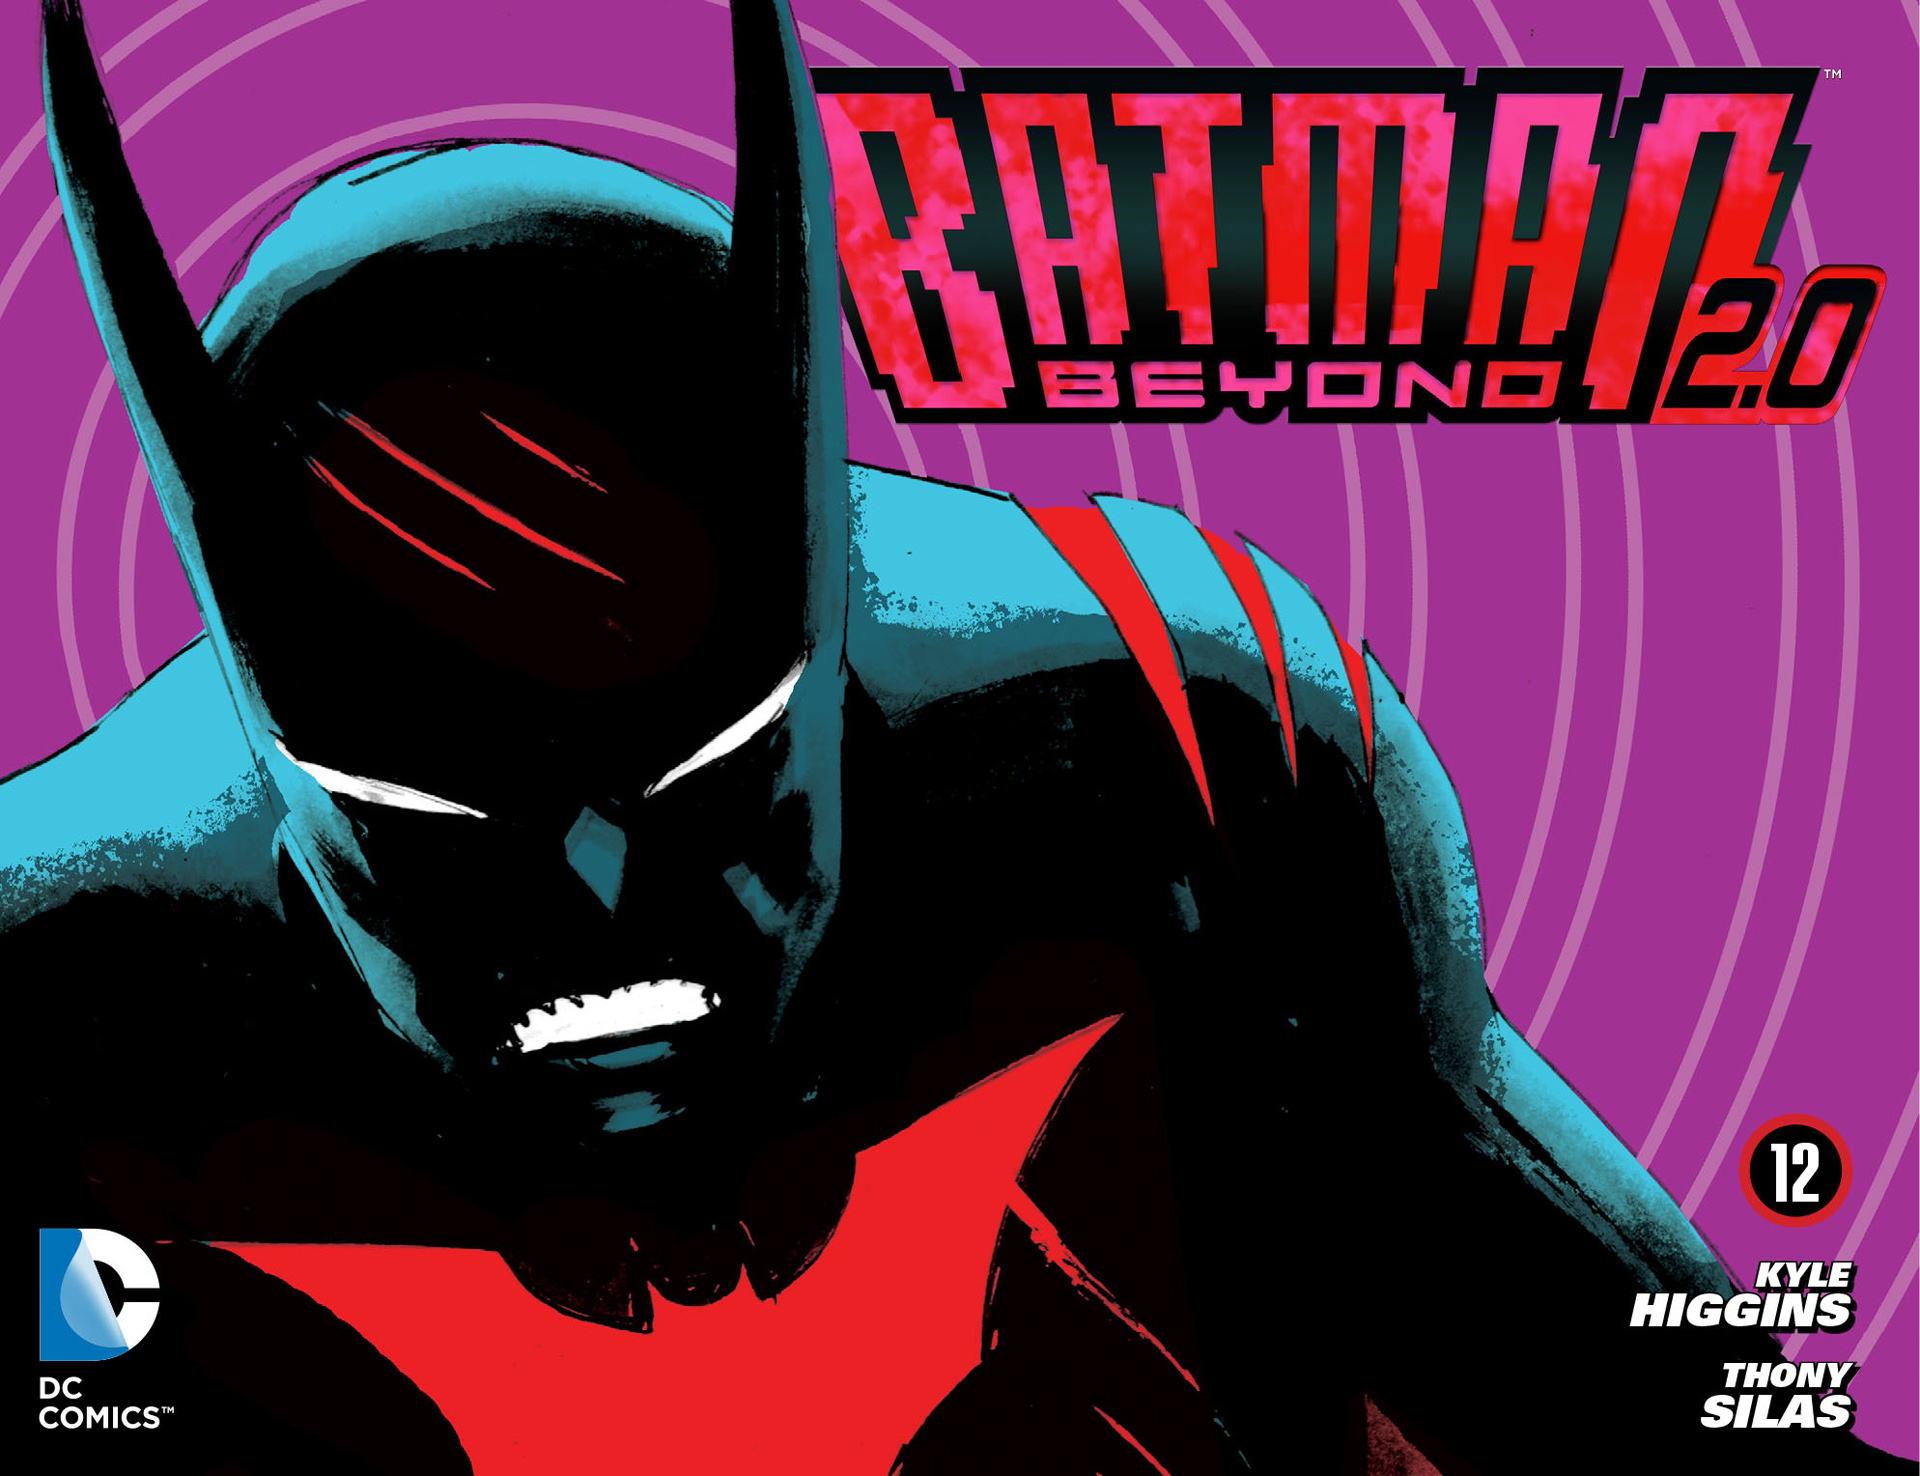 Batman Beyond 2.0 12 Page 1